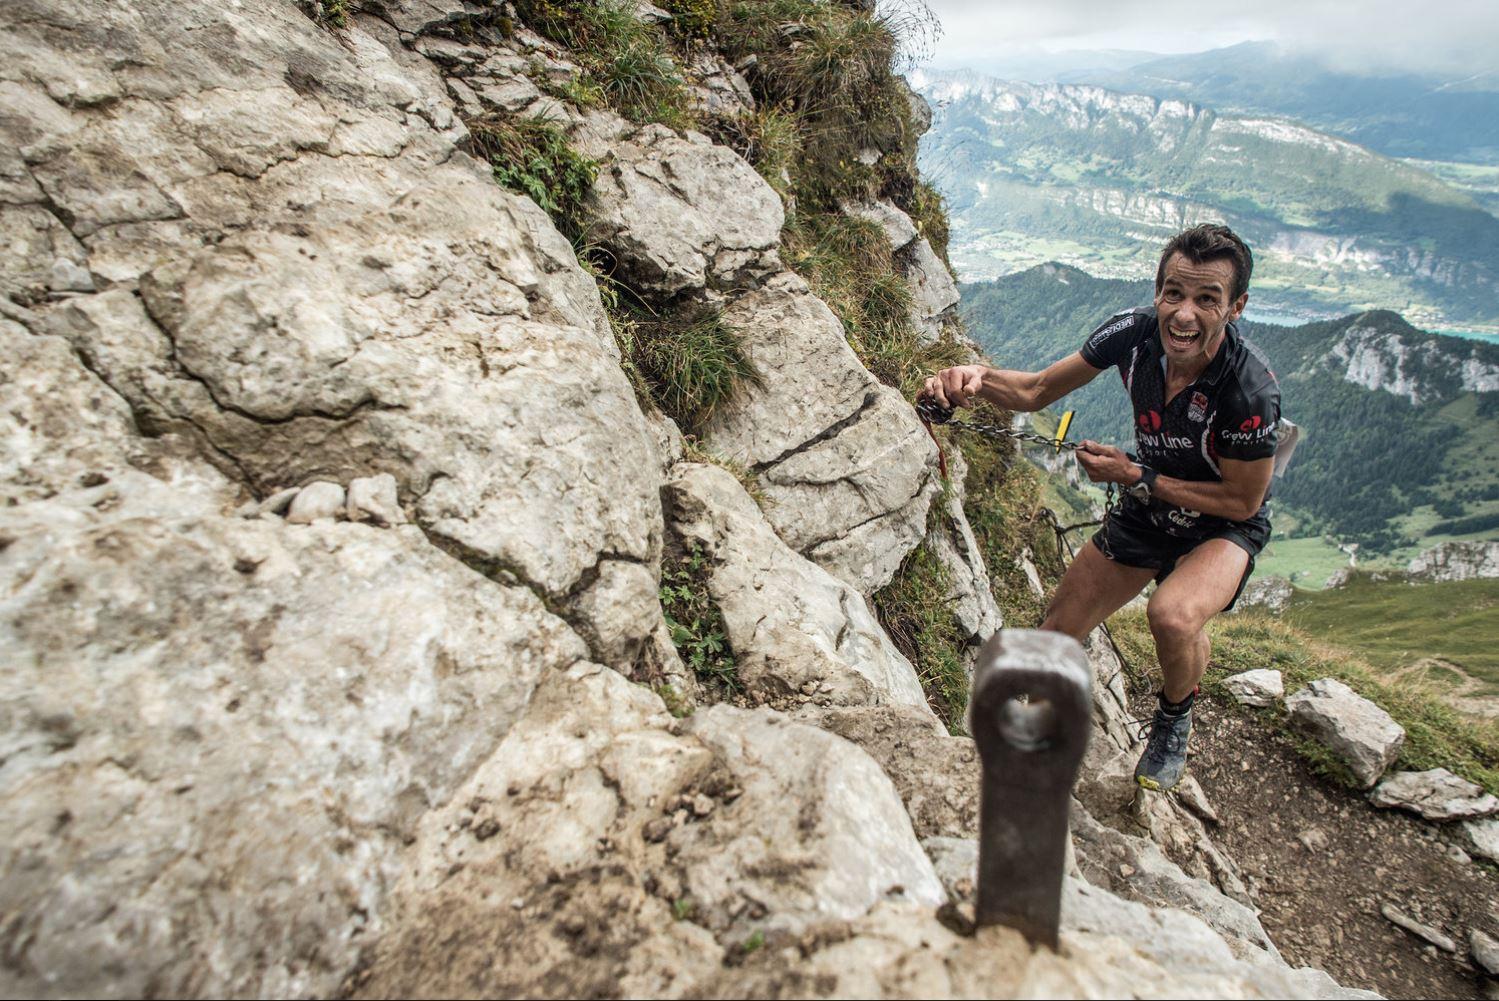 Capture1 - RED BULL ELEMENTS 2014-TRAIL- : Cédric Fleureton au sommet !